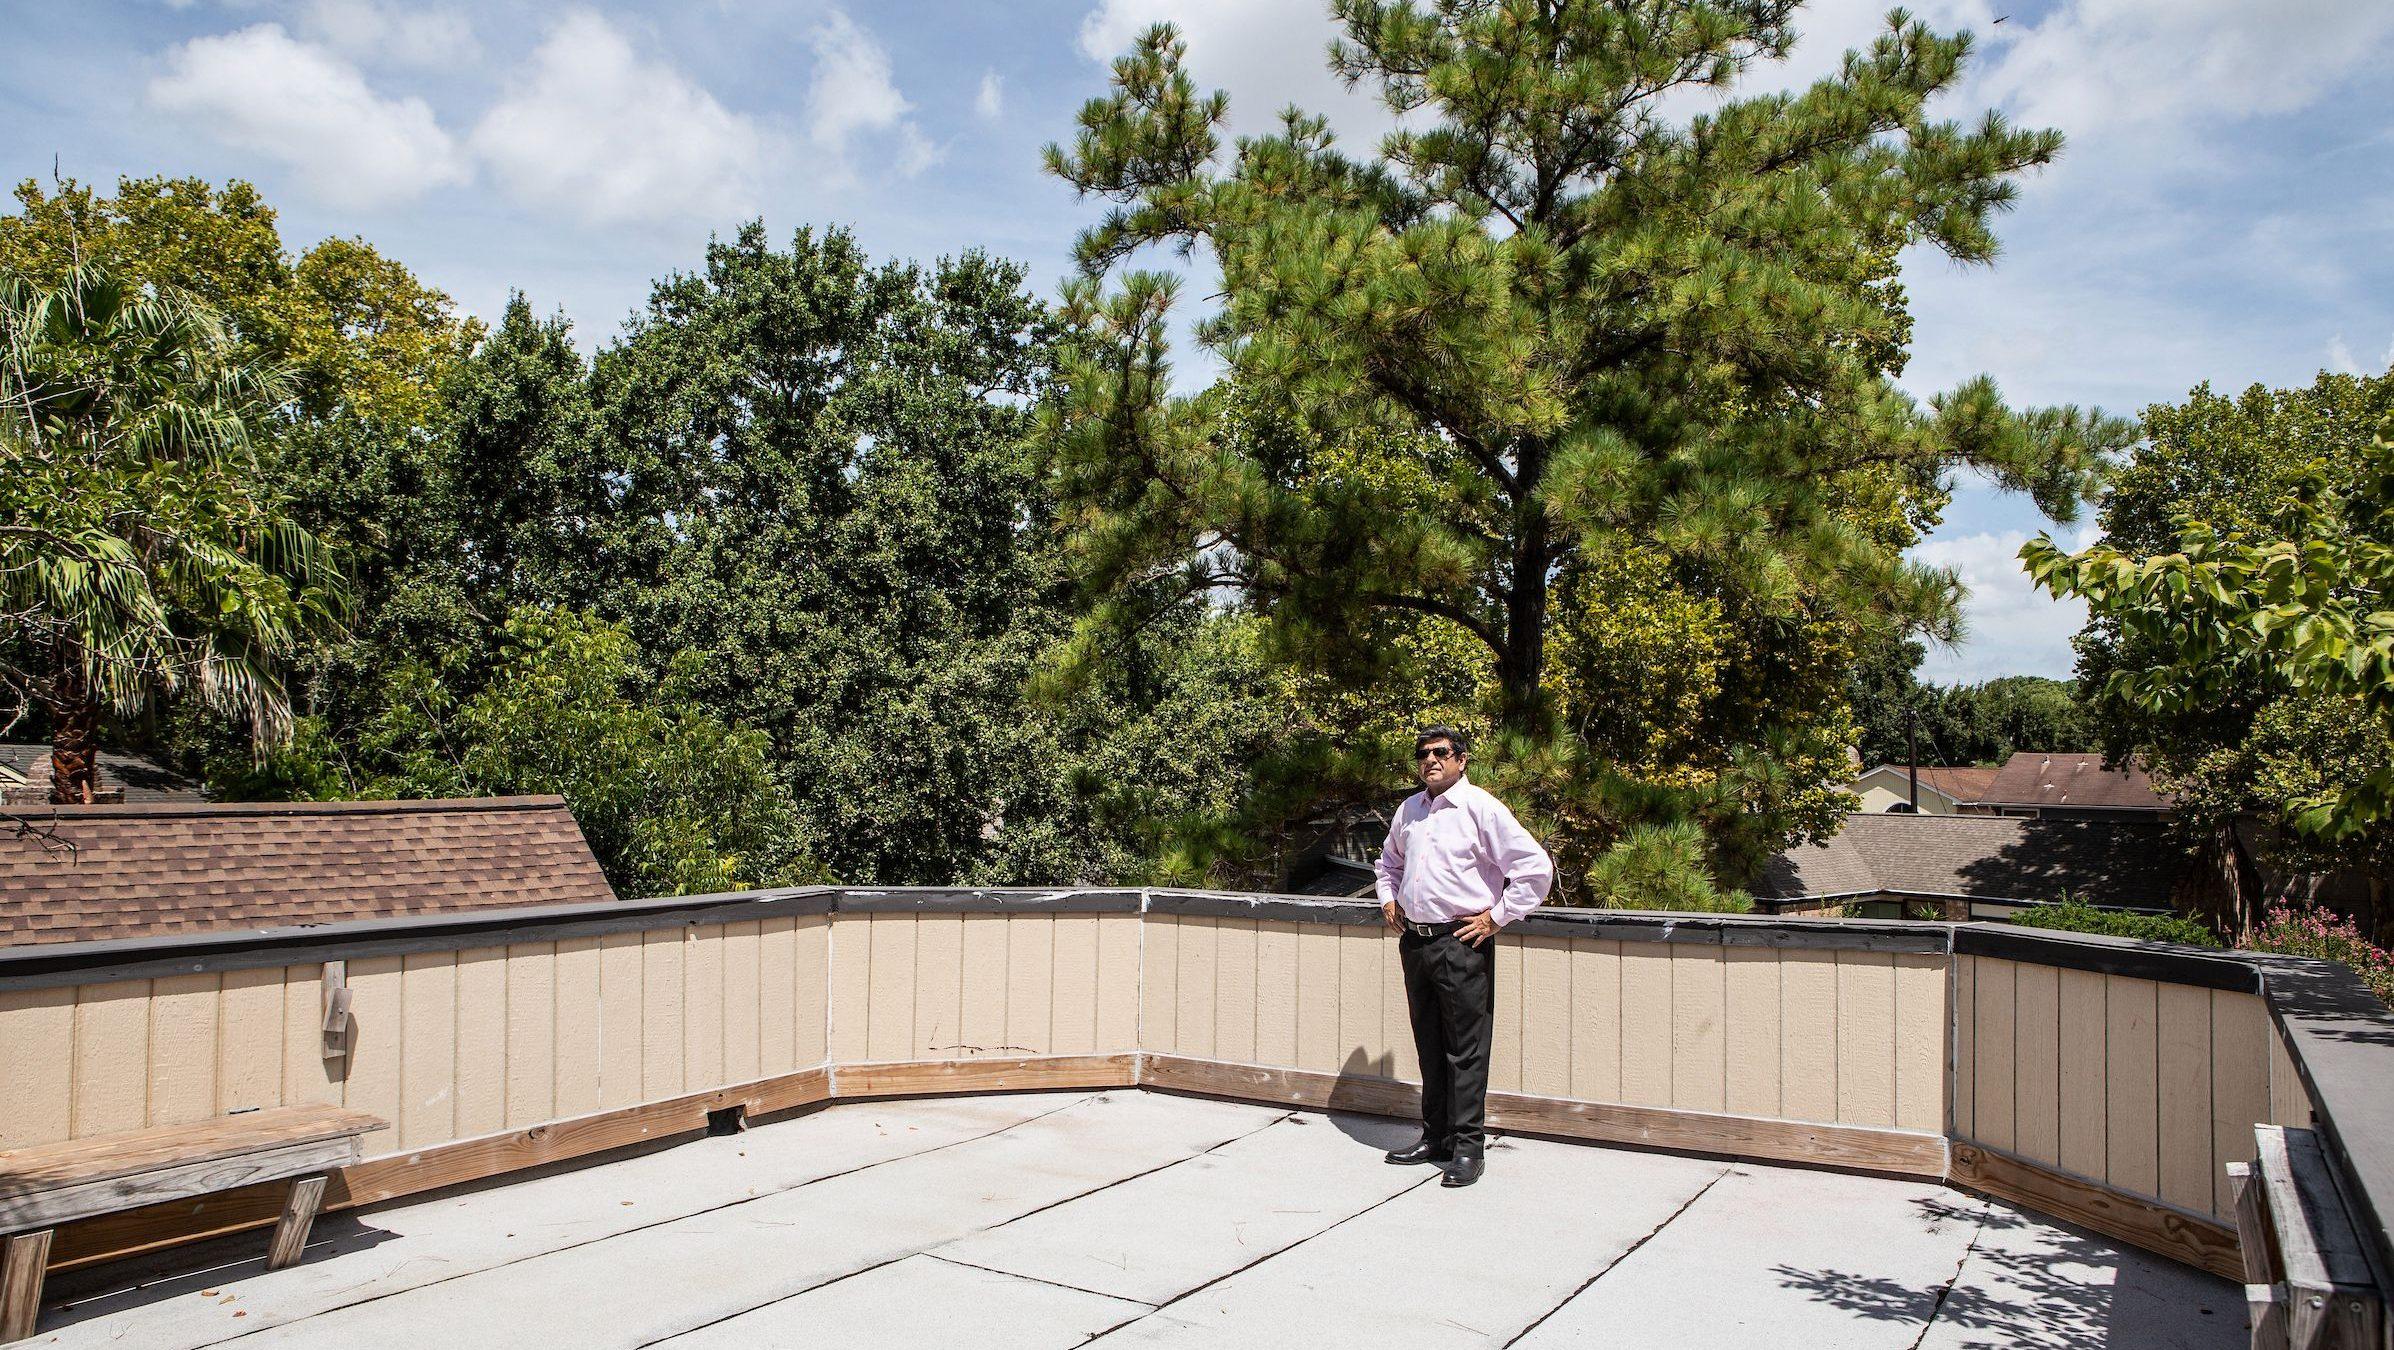 Hurricane Harvey: Houston man spent $100K on flood prevention — Quartz